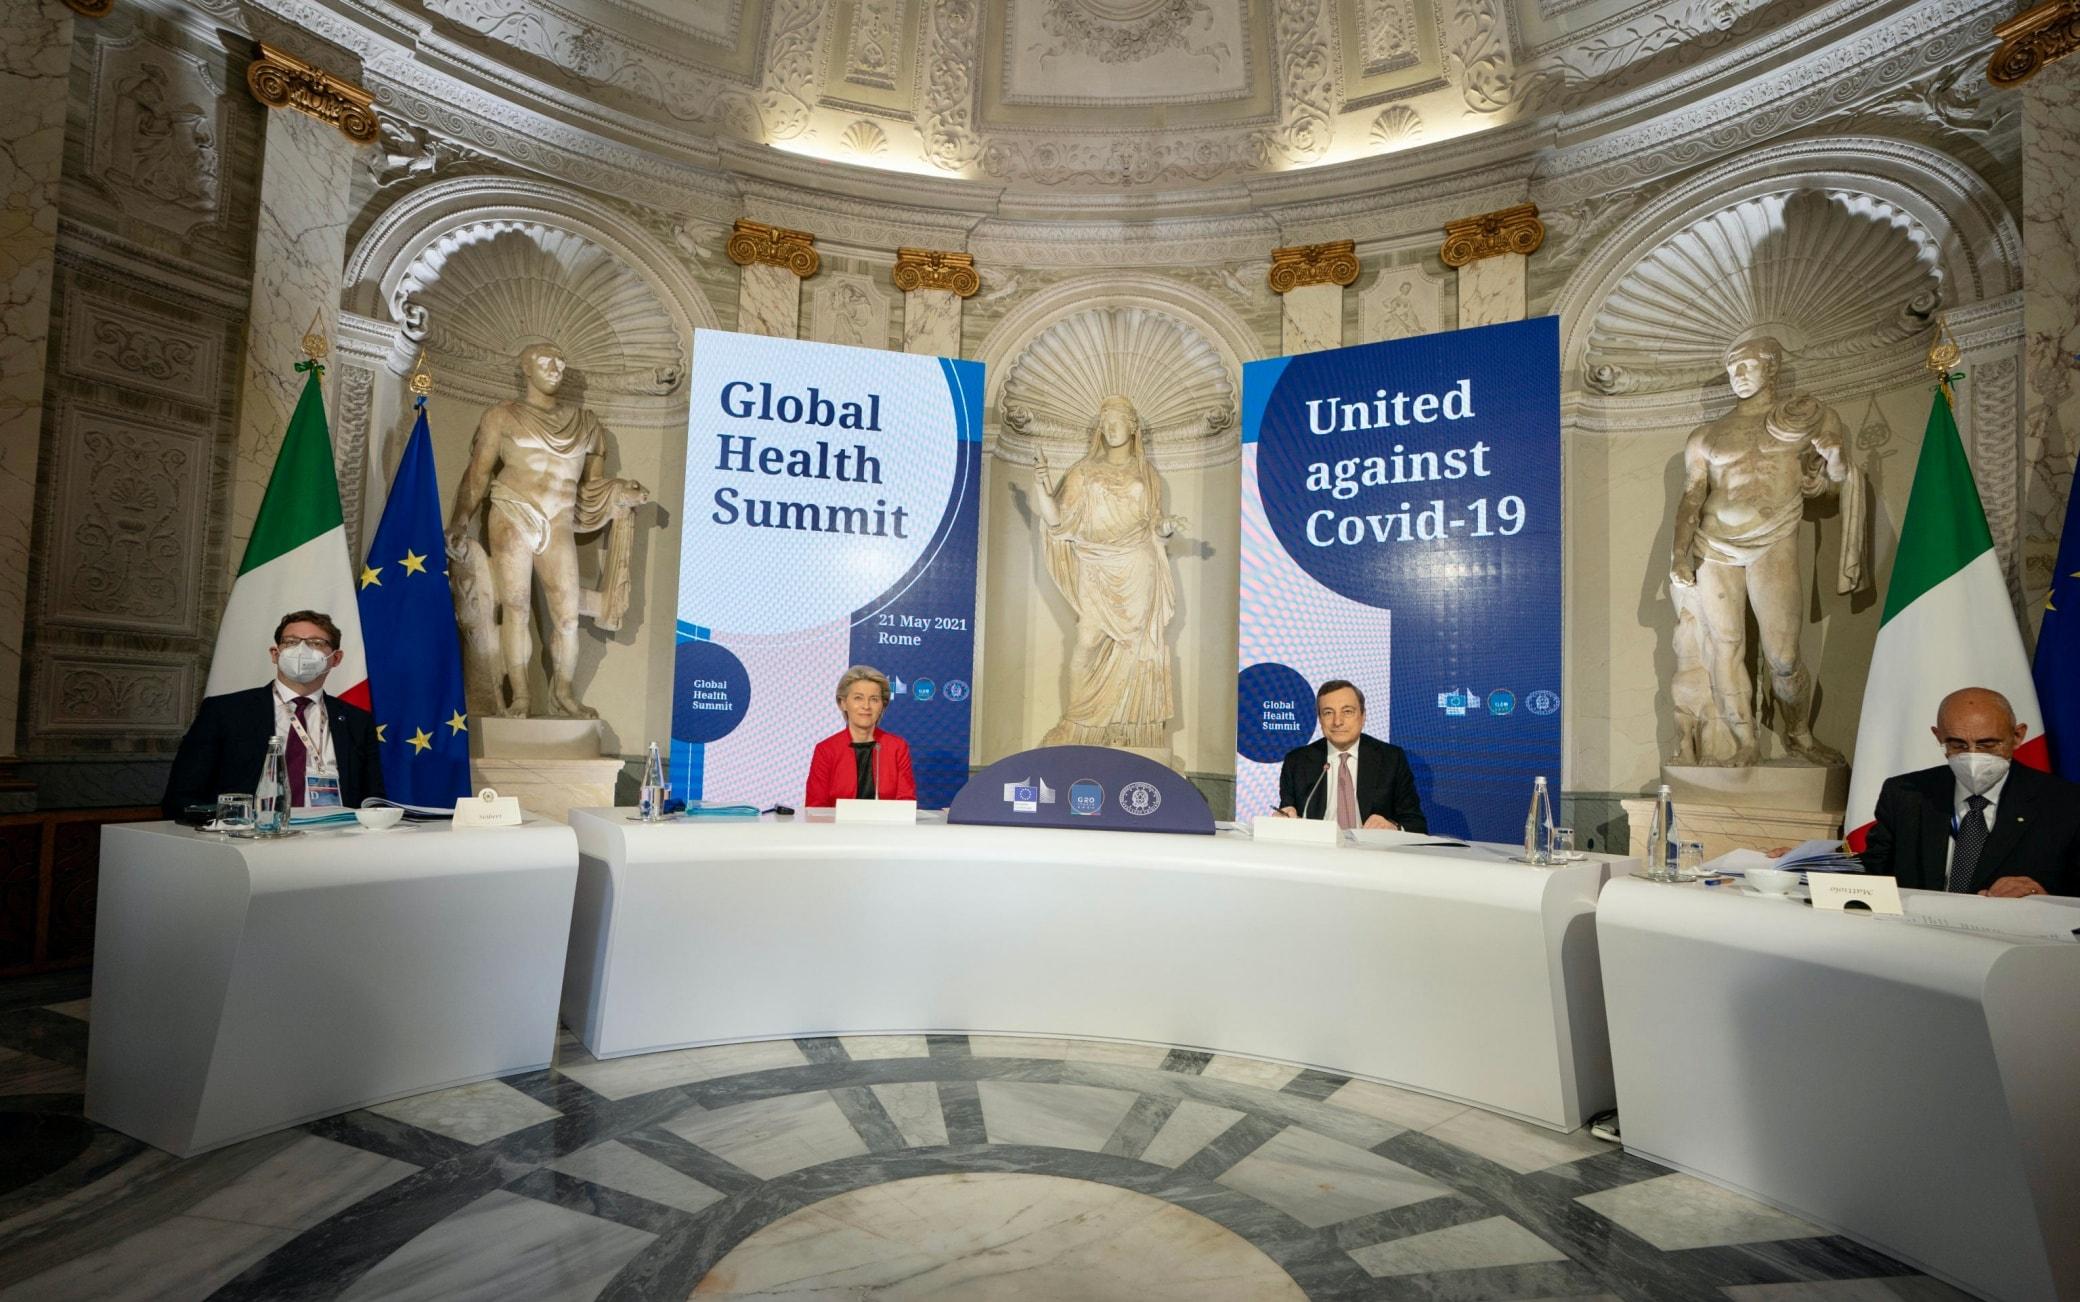 Un momento del Global Health Summit a Roma